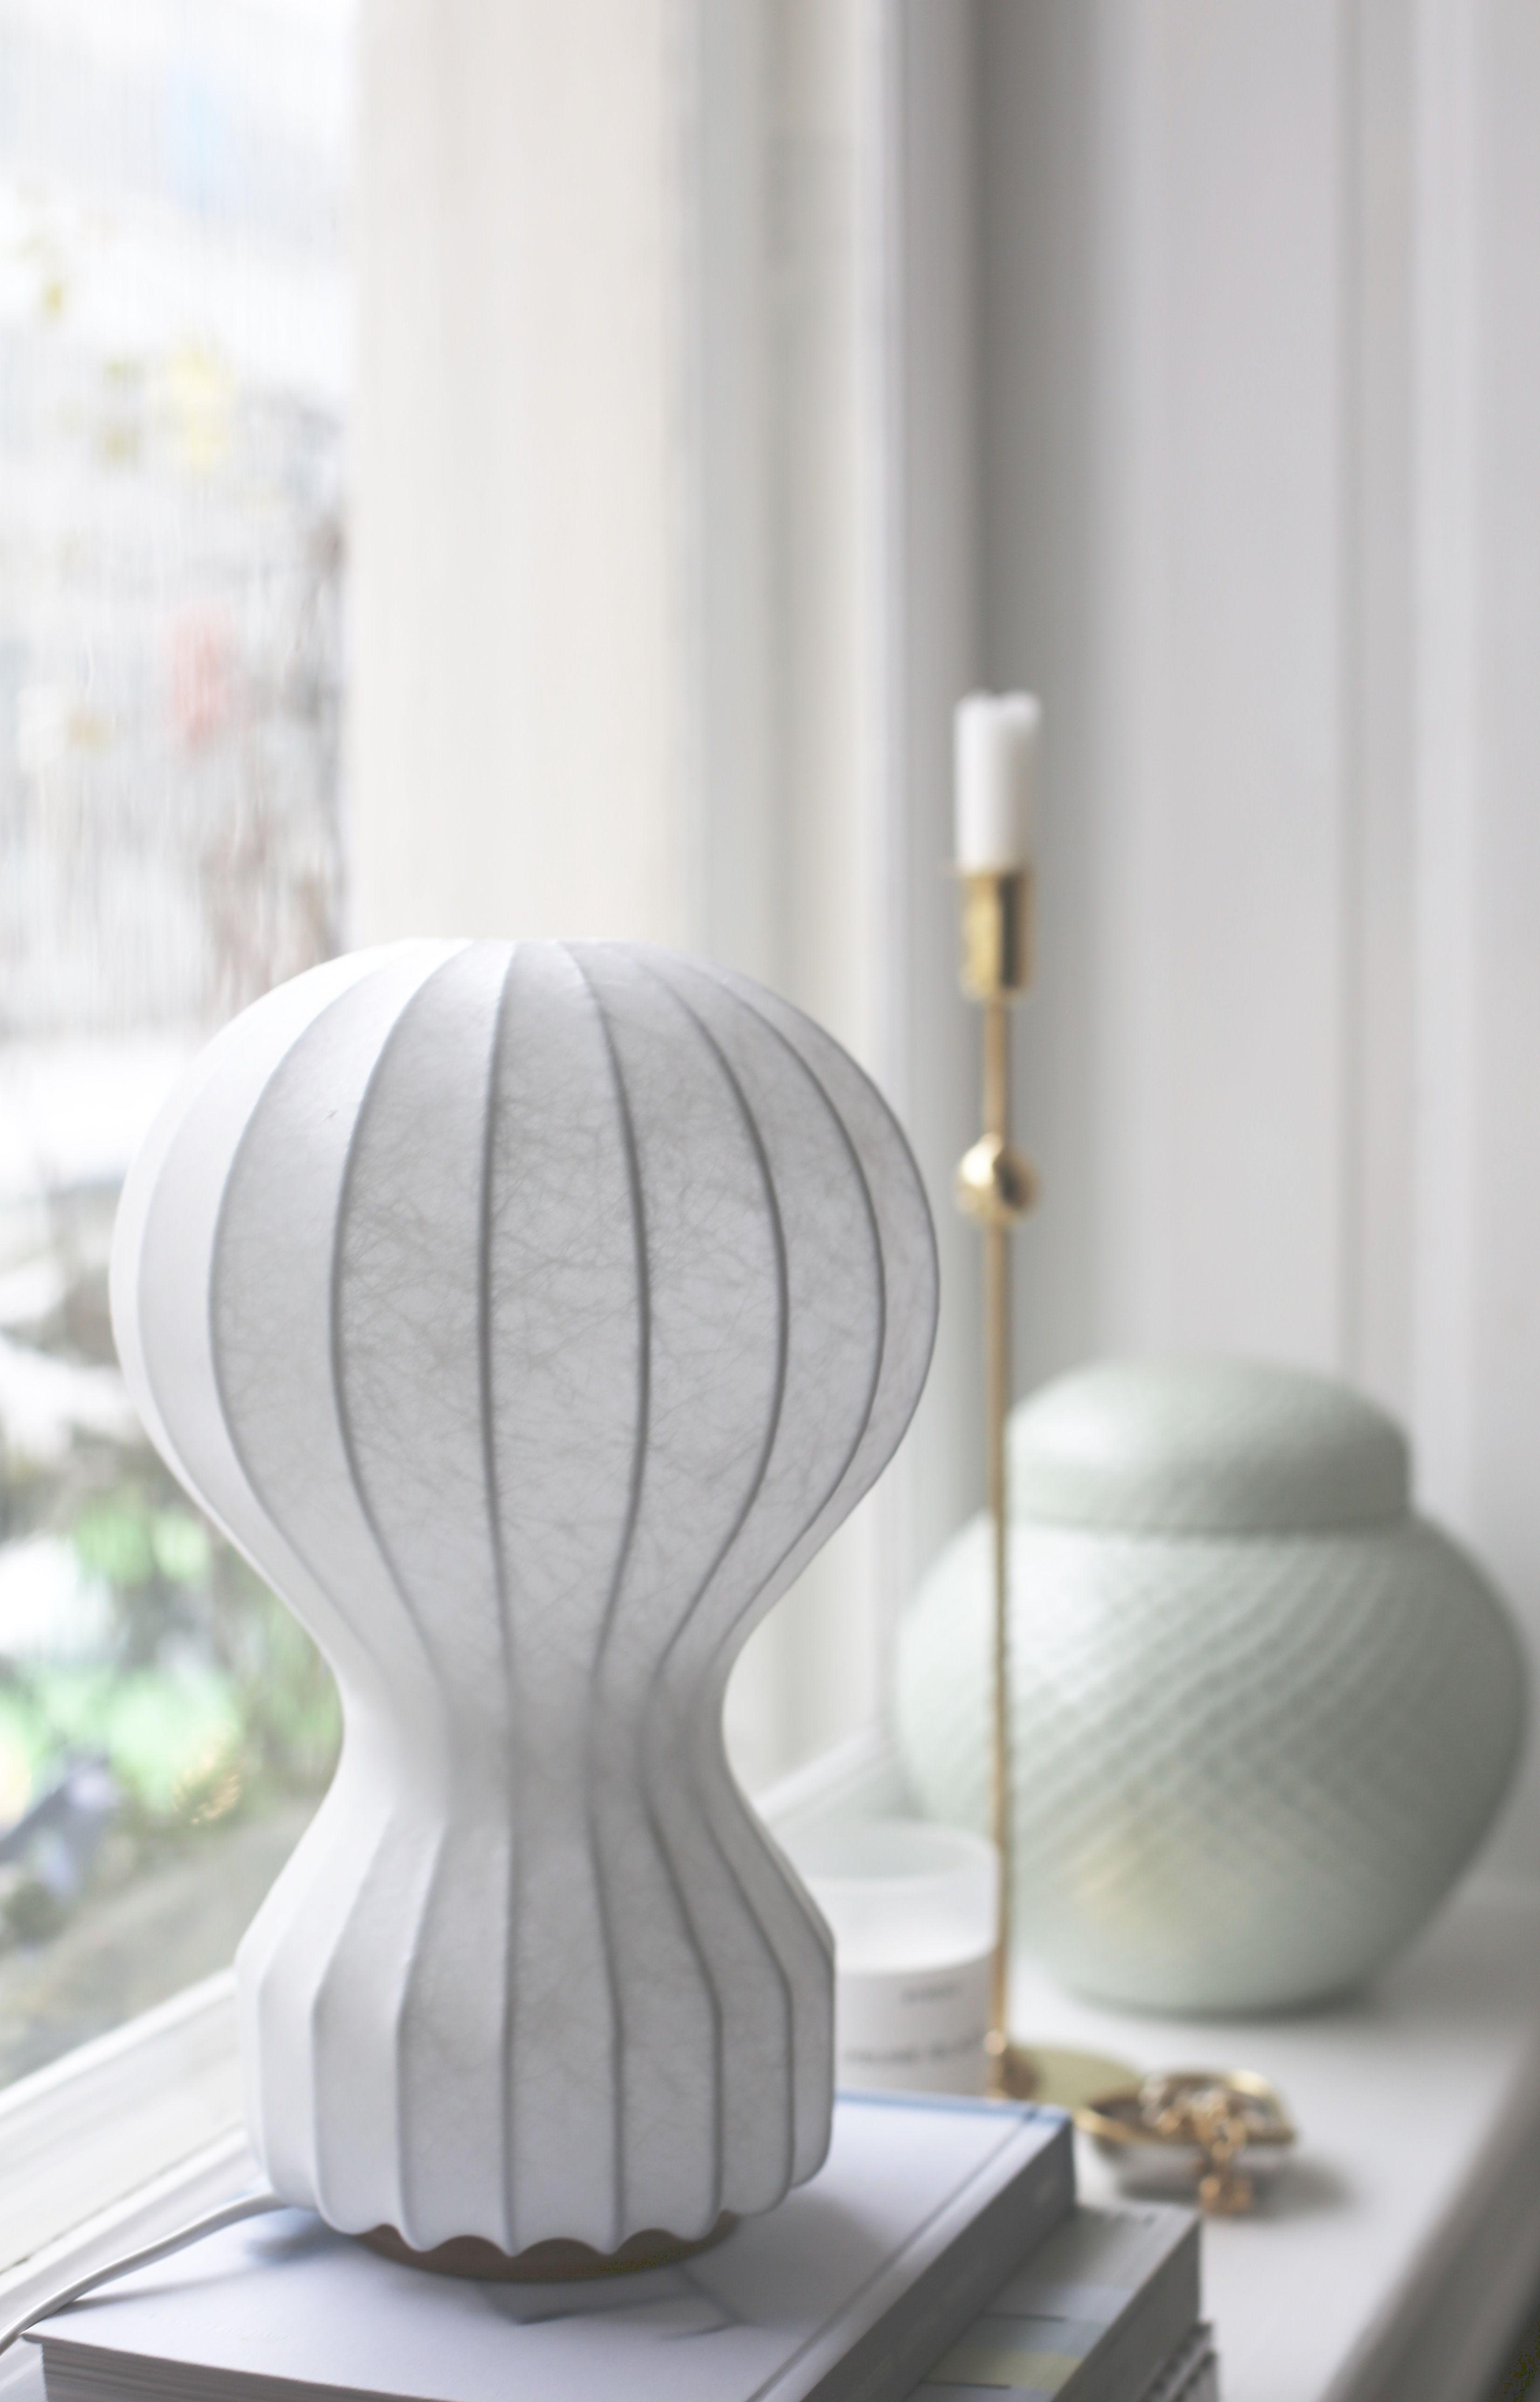 lampe poser gatto piccolo de pier giacomo achille castiglioni pour flos photo. Black Bedroom Furniture Sets. Home Design Ideas